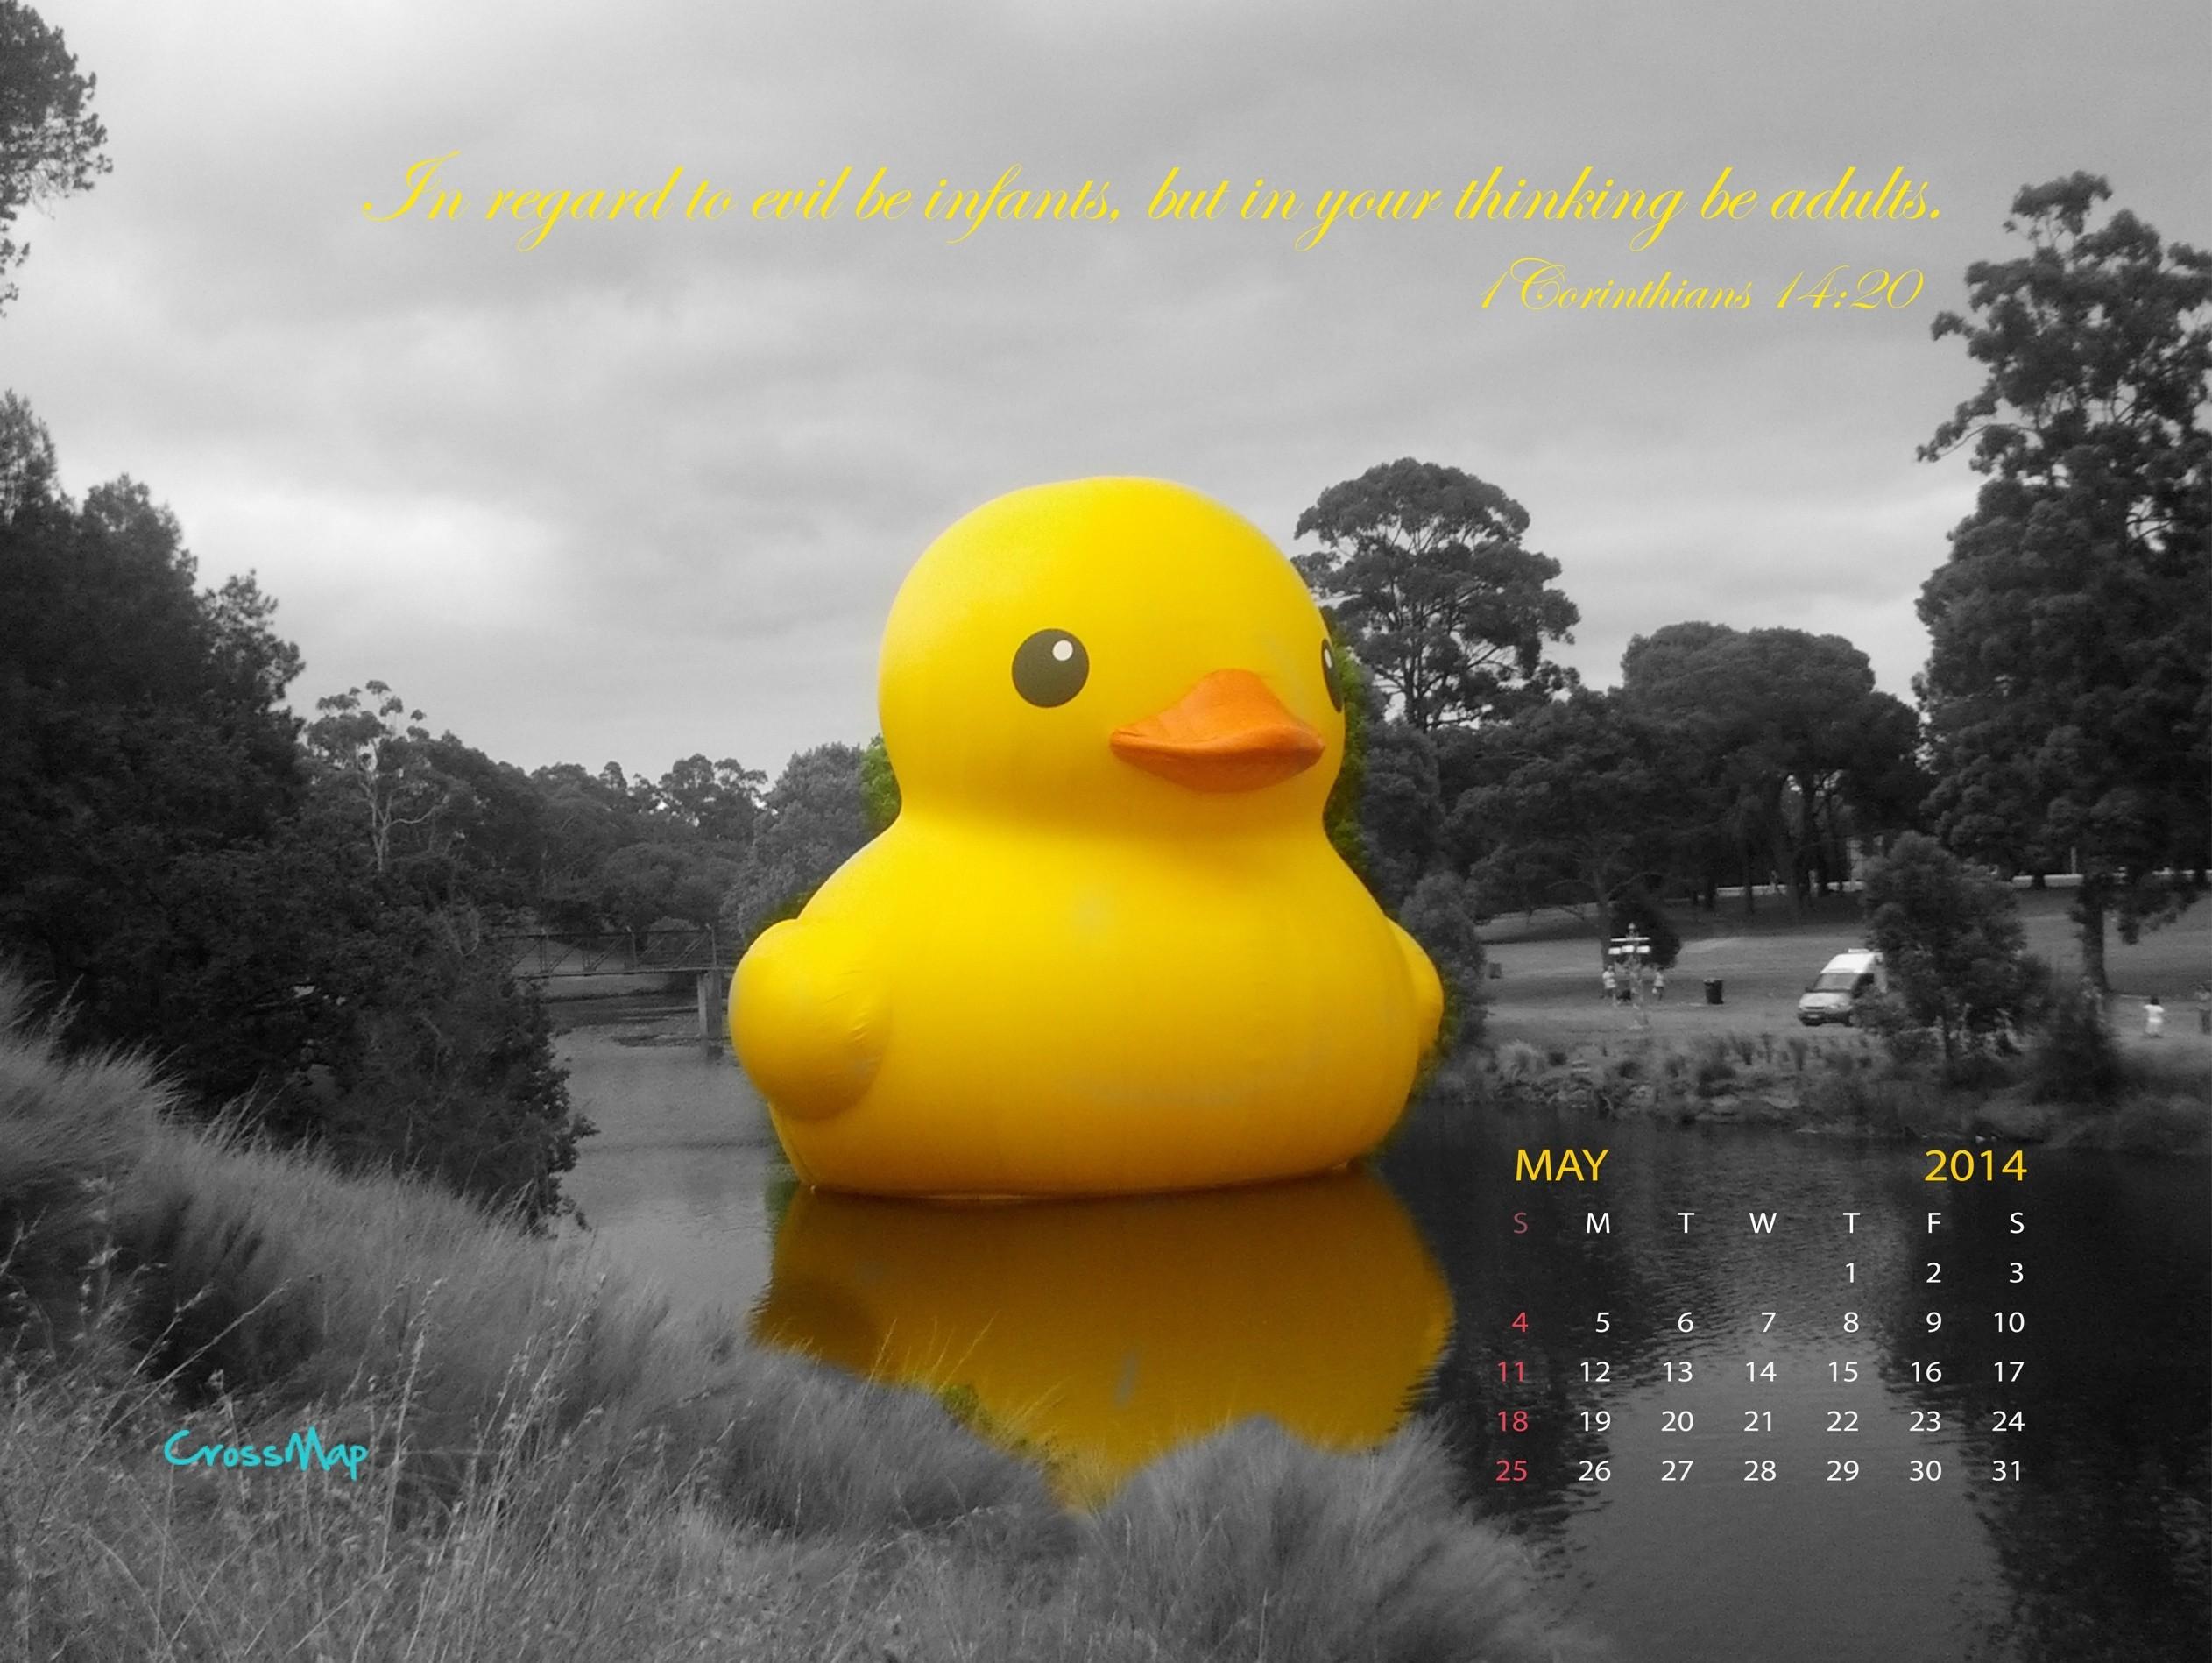 Yellow Rubber Duck 2014 Calendar Wallpaper – May